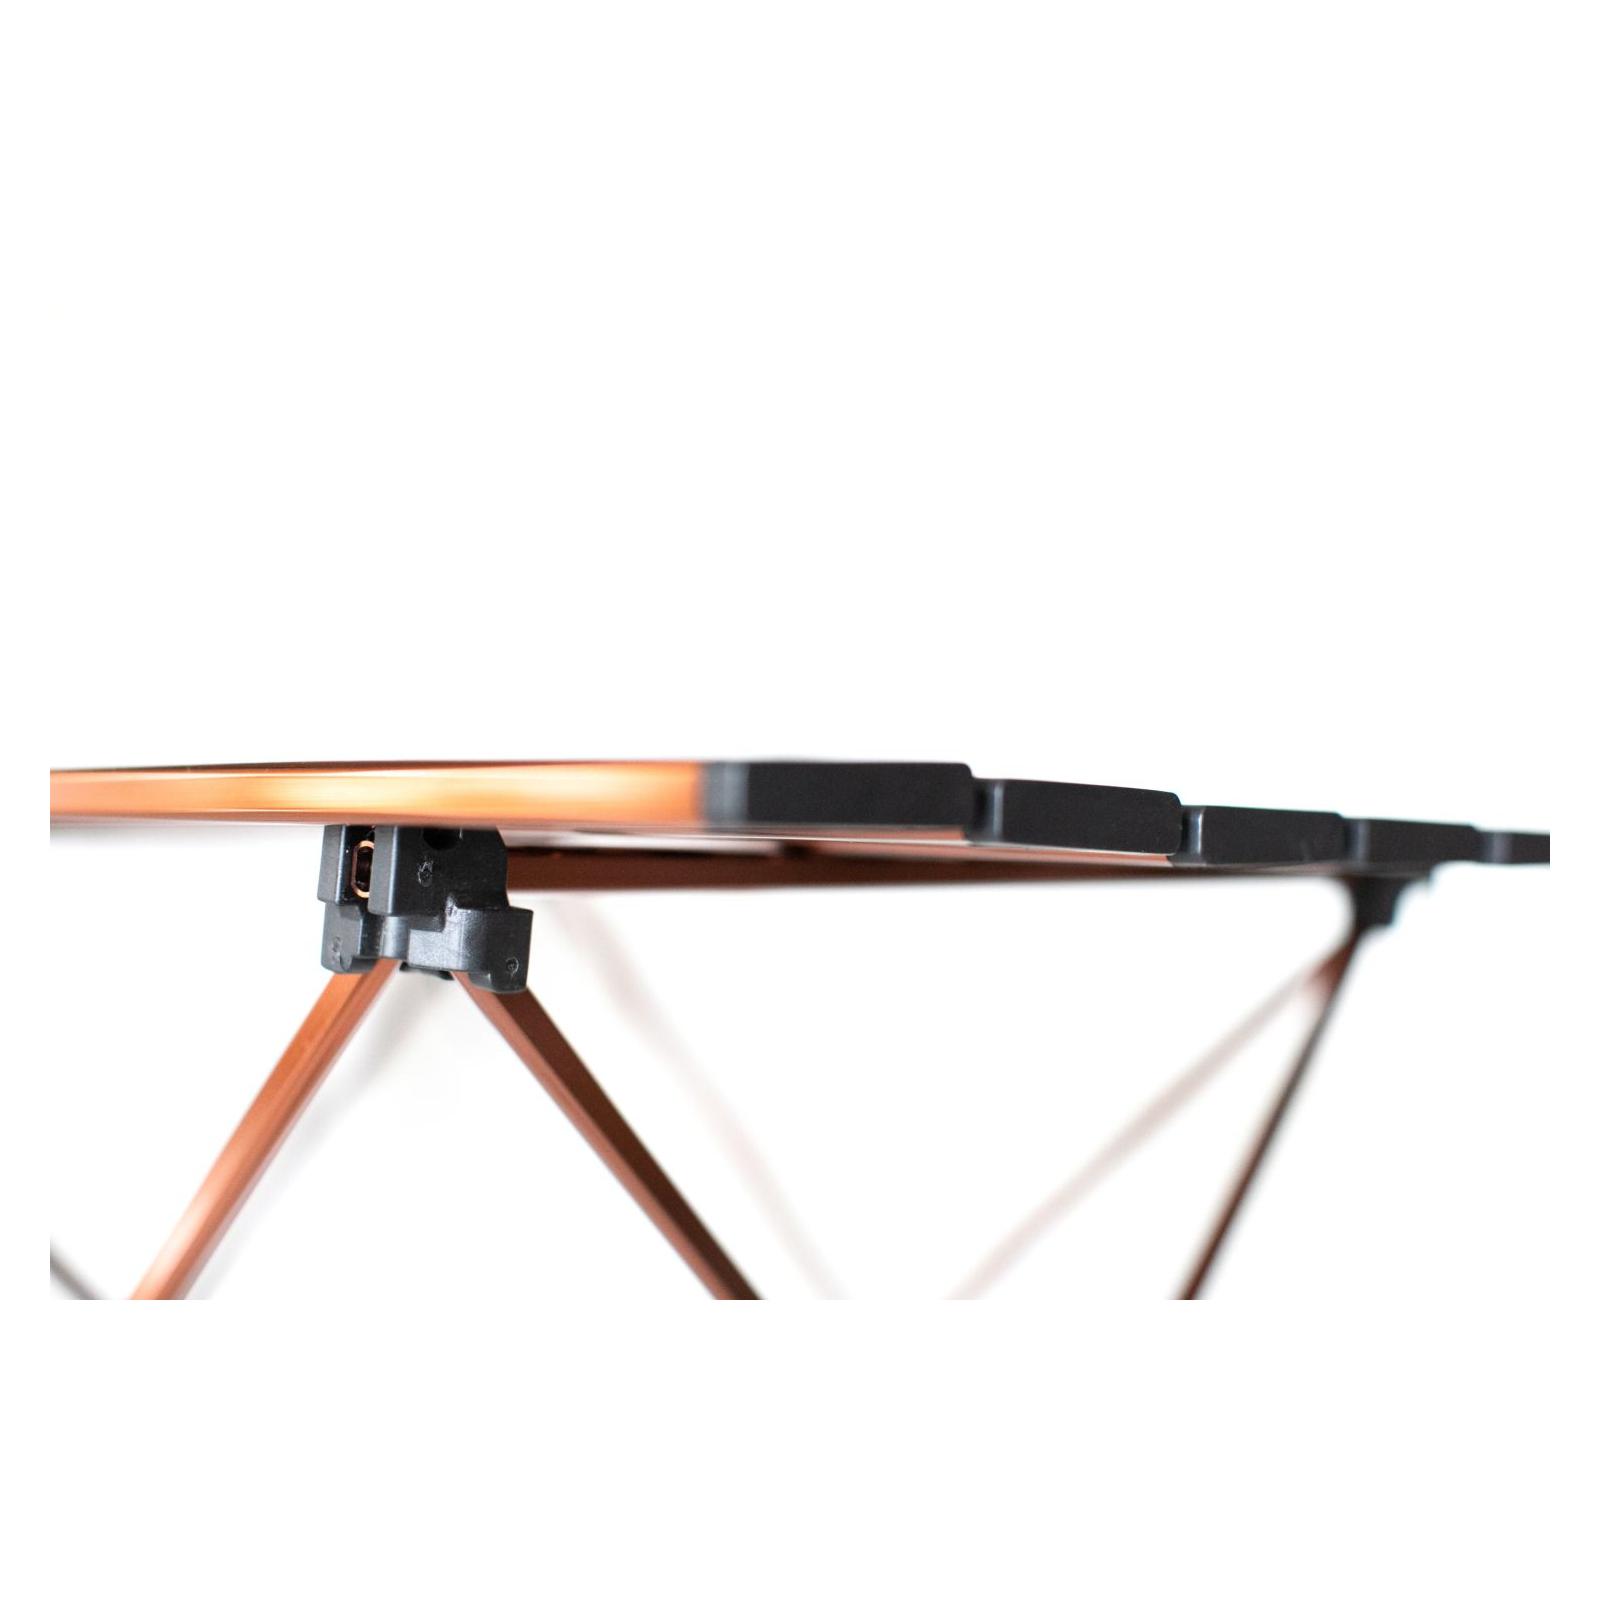 Туристический стол Tramp COMPACT алюминиевый 55х40х38см (TRF-061) изображение 3